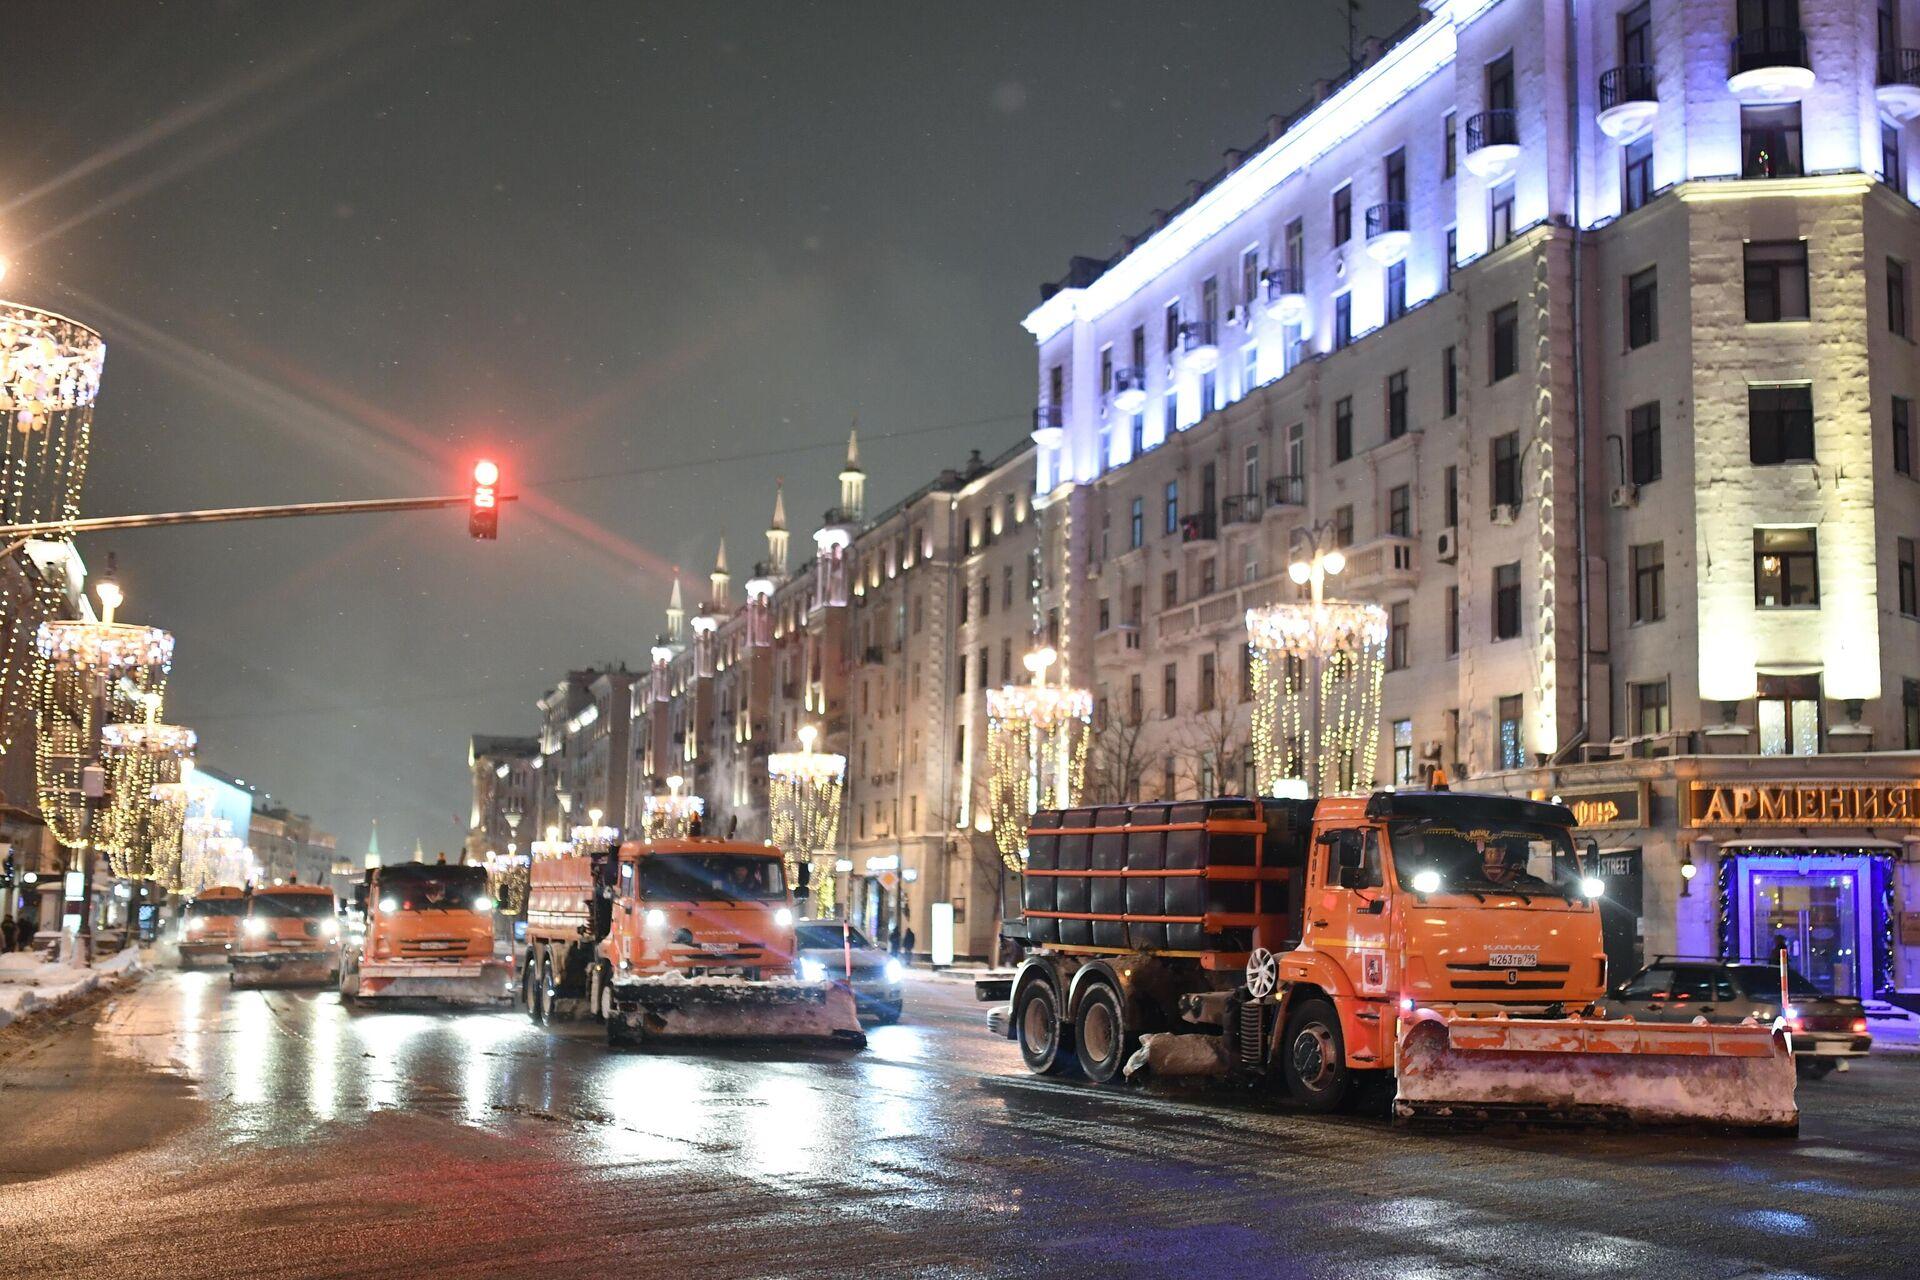 Снегопад в Москве - РИА Новости, 1920, 05.04.2021